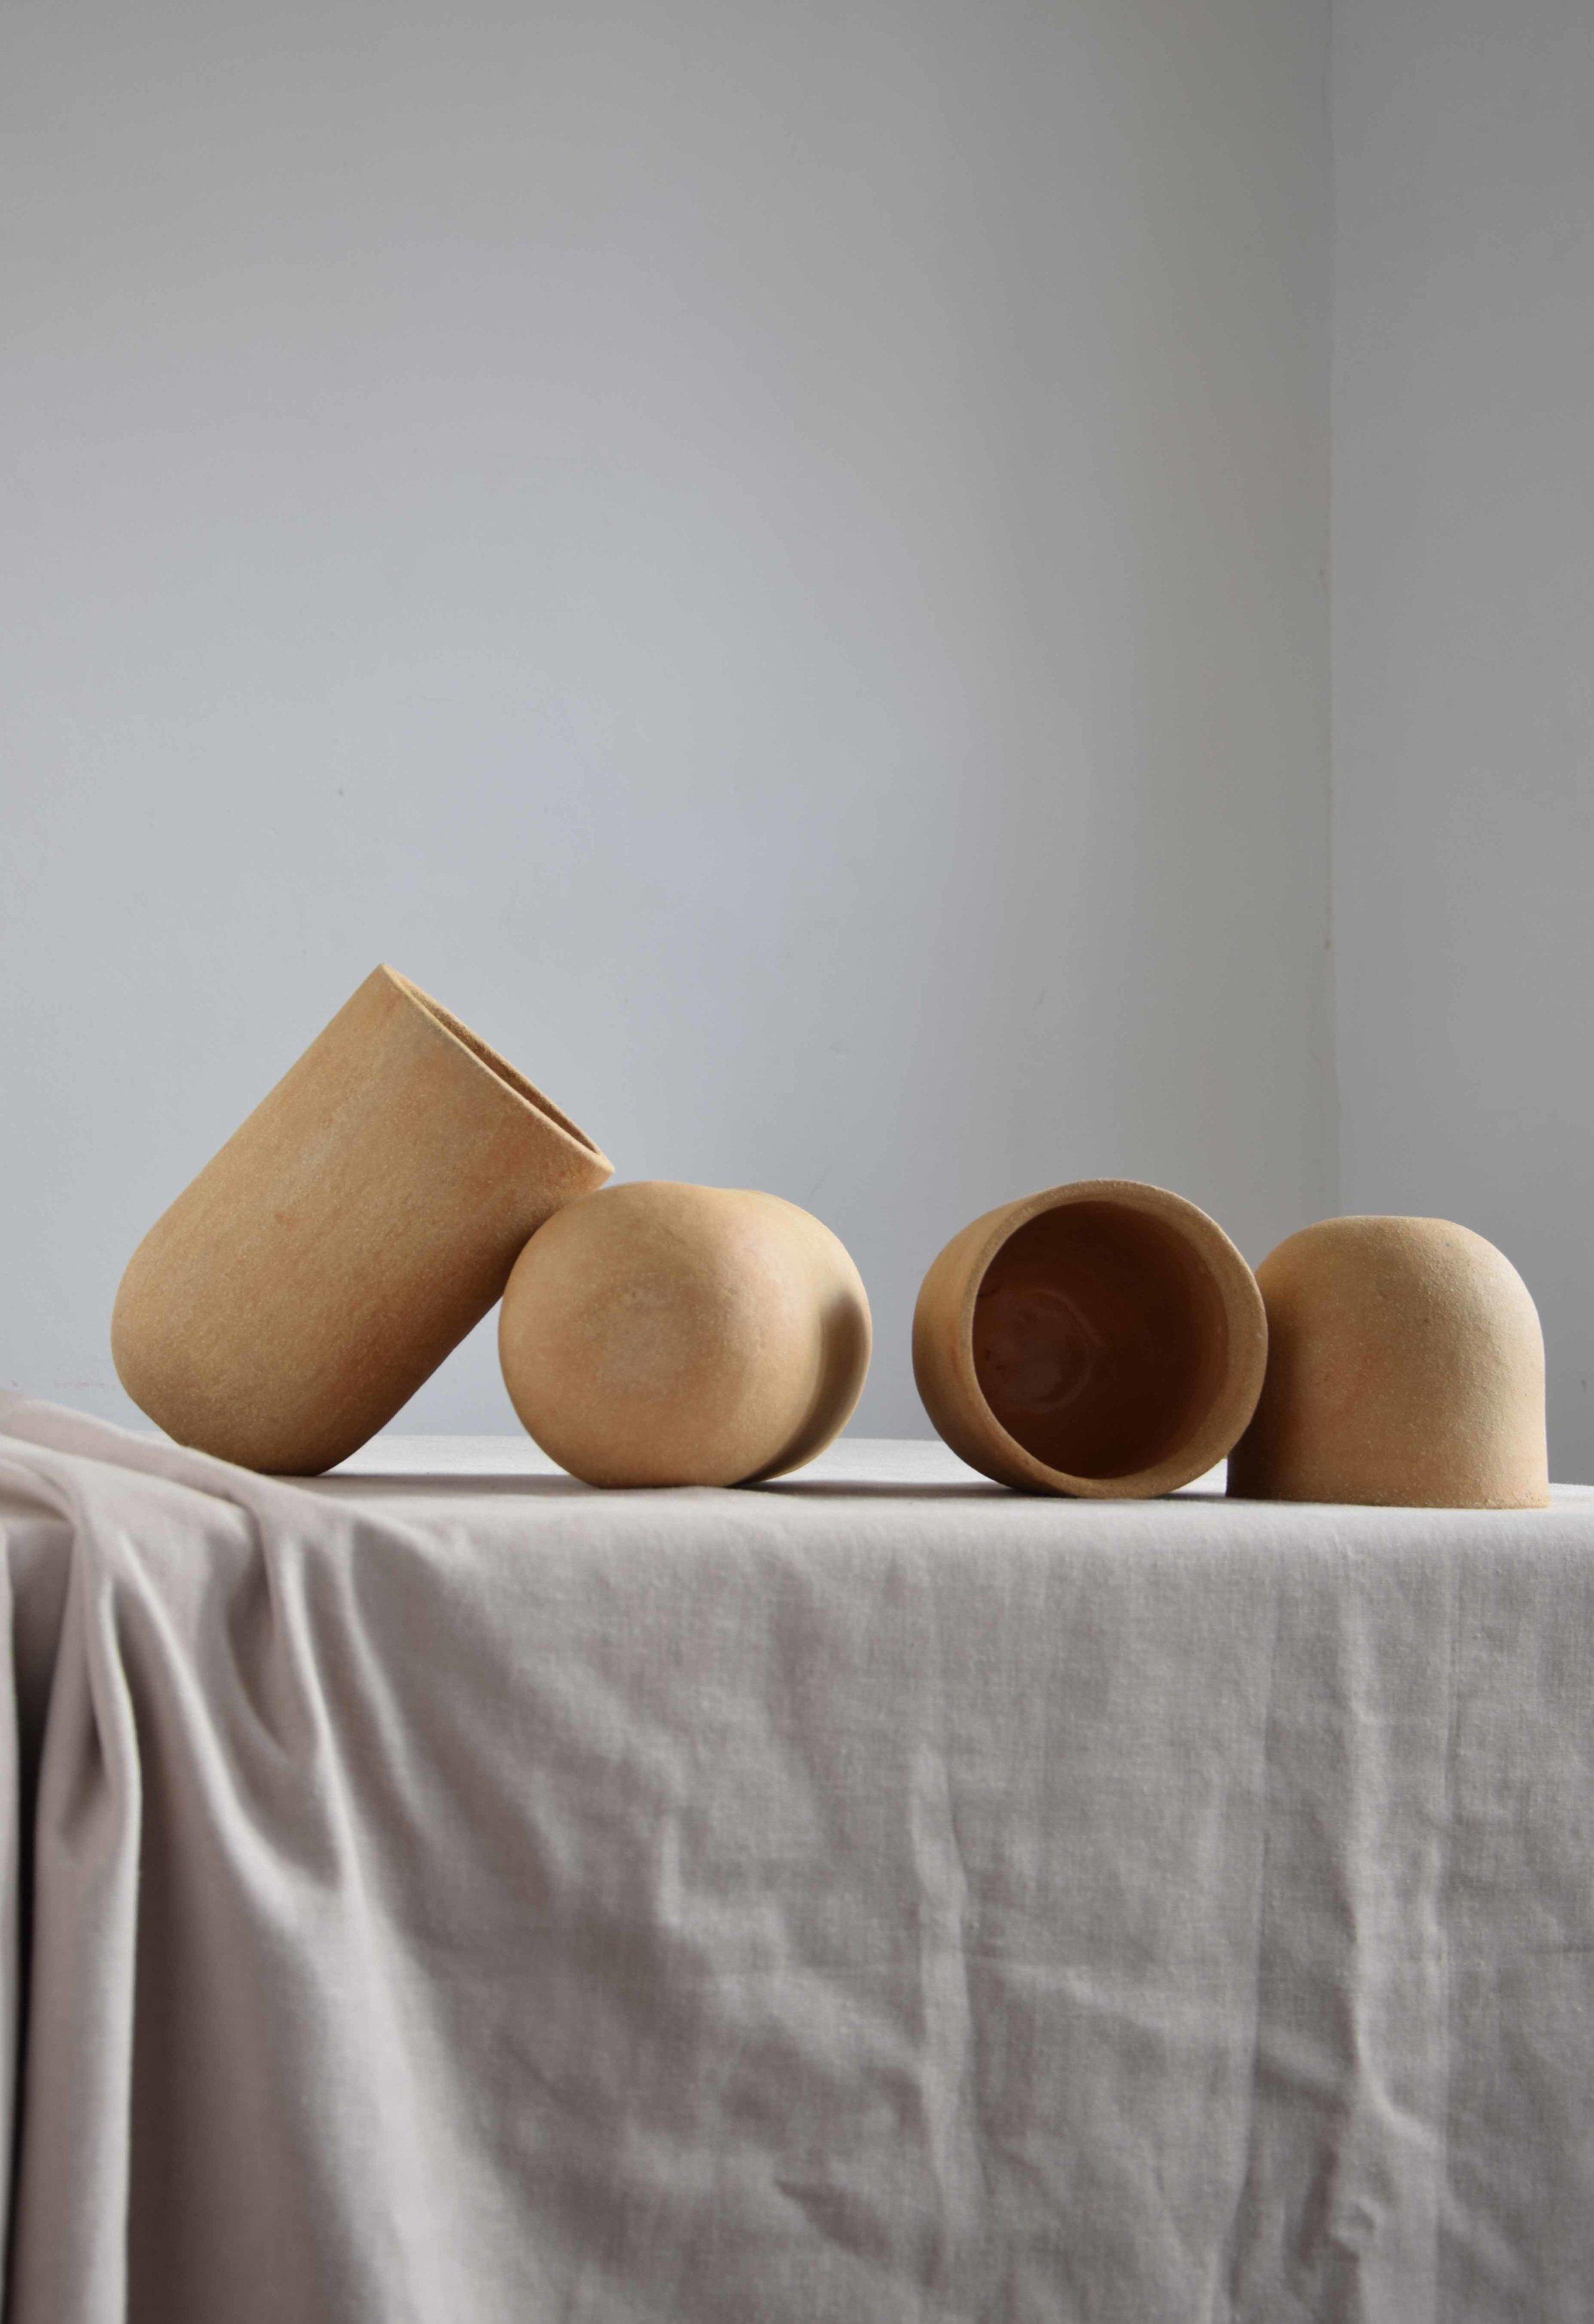 sandvases-still2-studiokryszewski.jpg